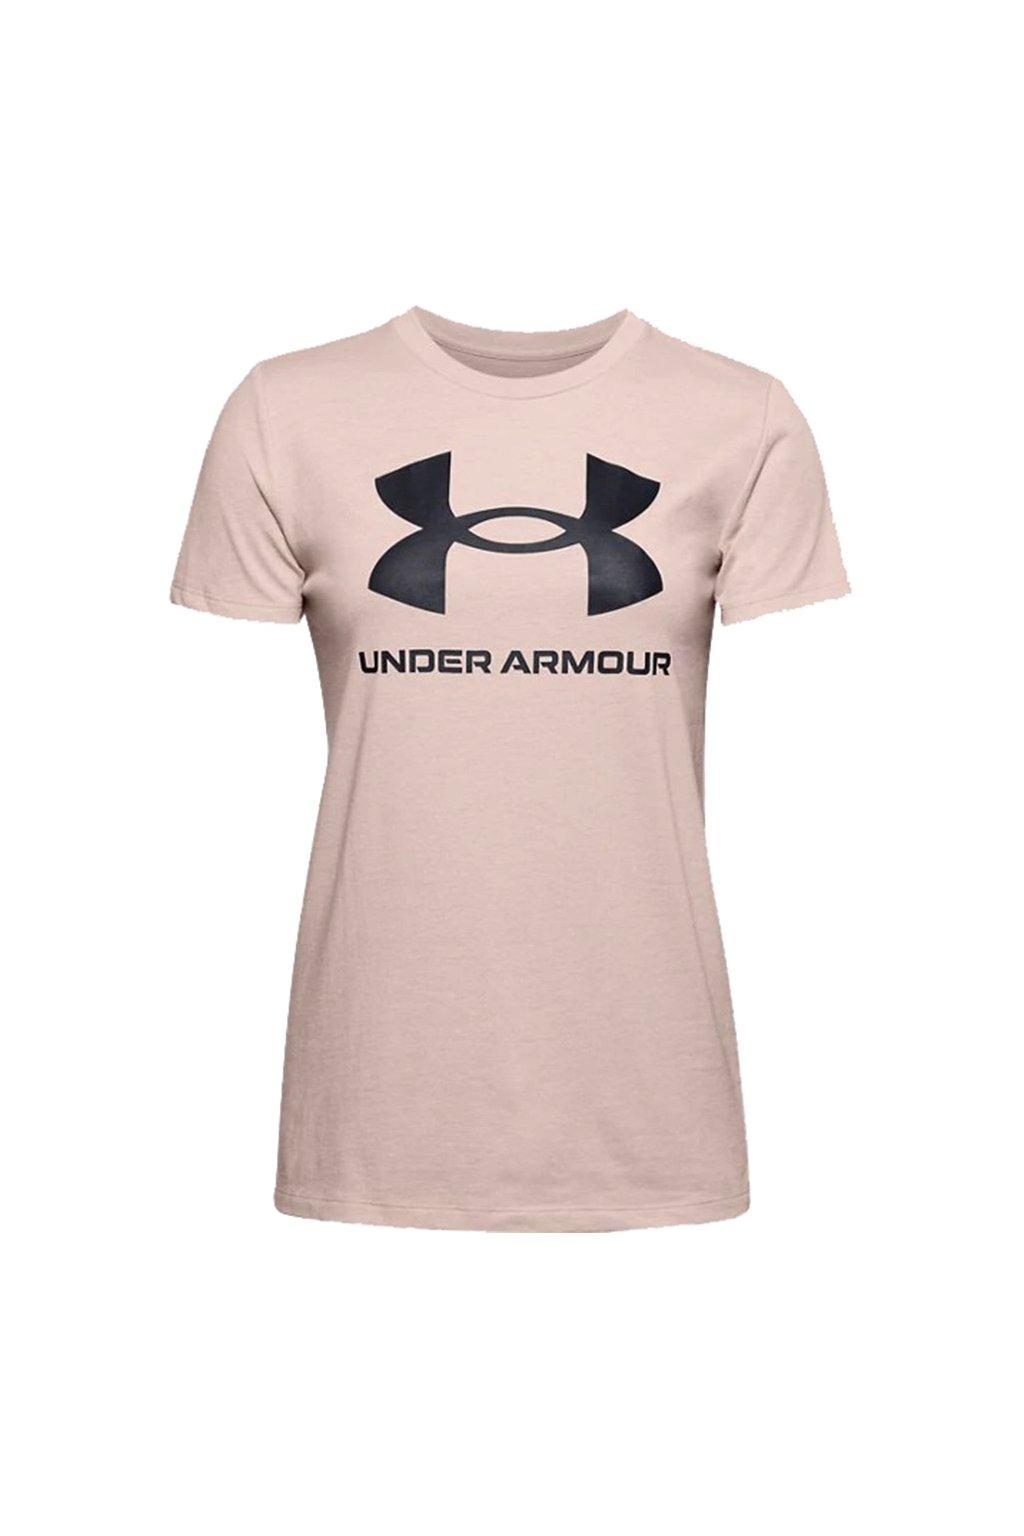 Dámske tričko Under Armour Live Sportstyle Graphic Ssc béžové 1356305 679